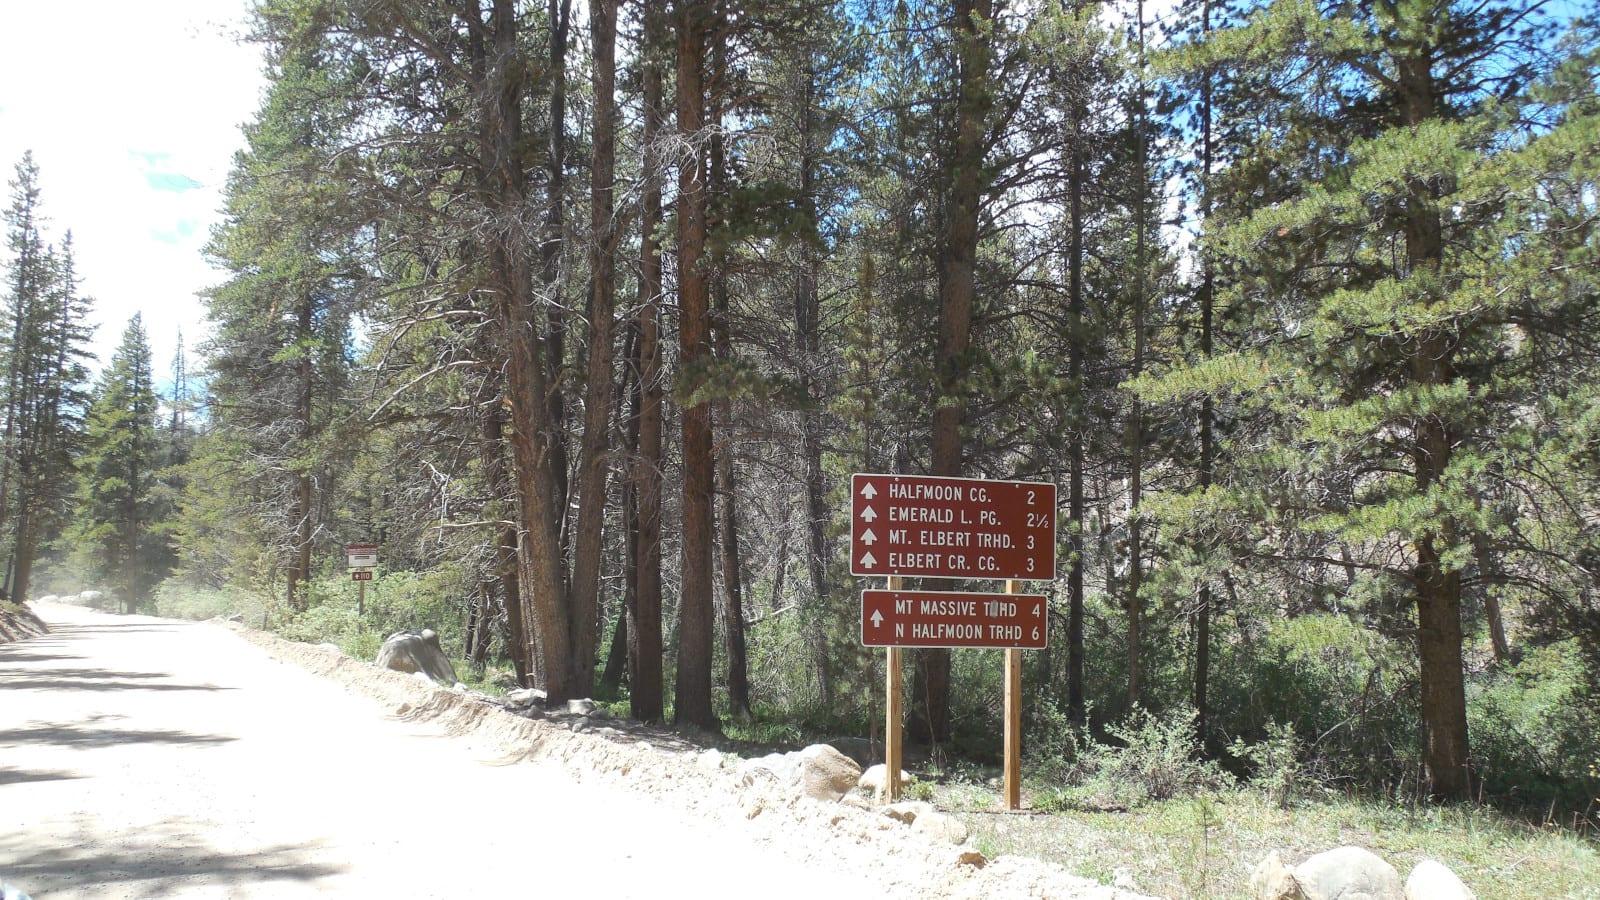 Halfmoon and Elbert Creek Campgrounds and Mt Elbert Trailhead Sign